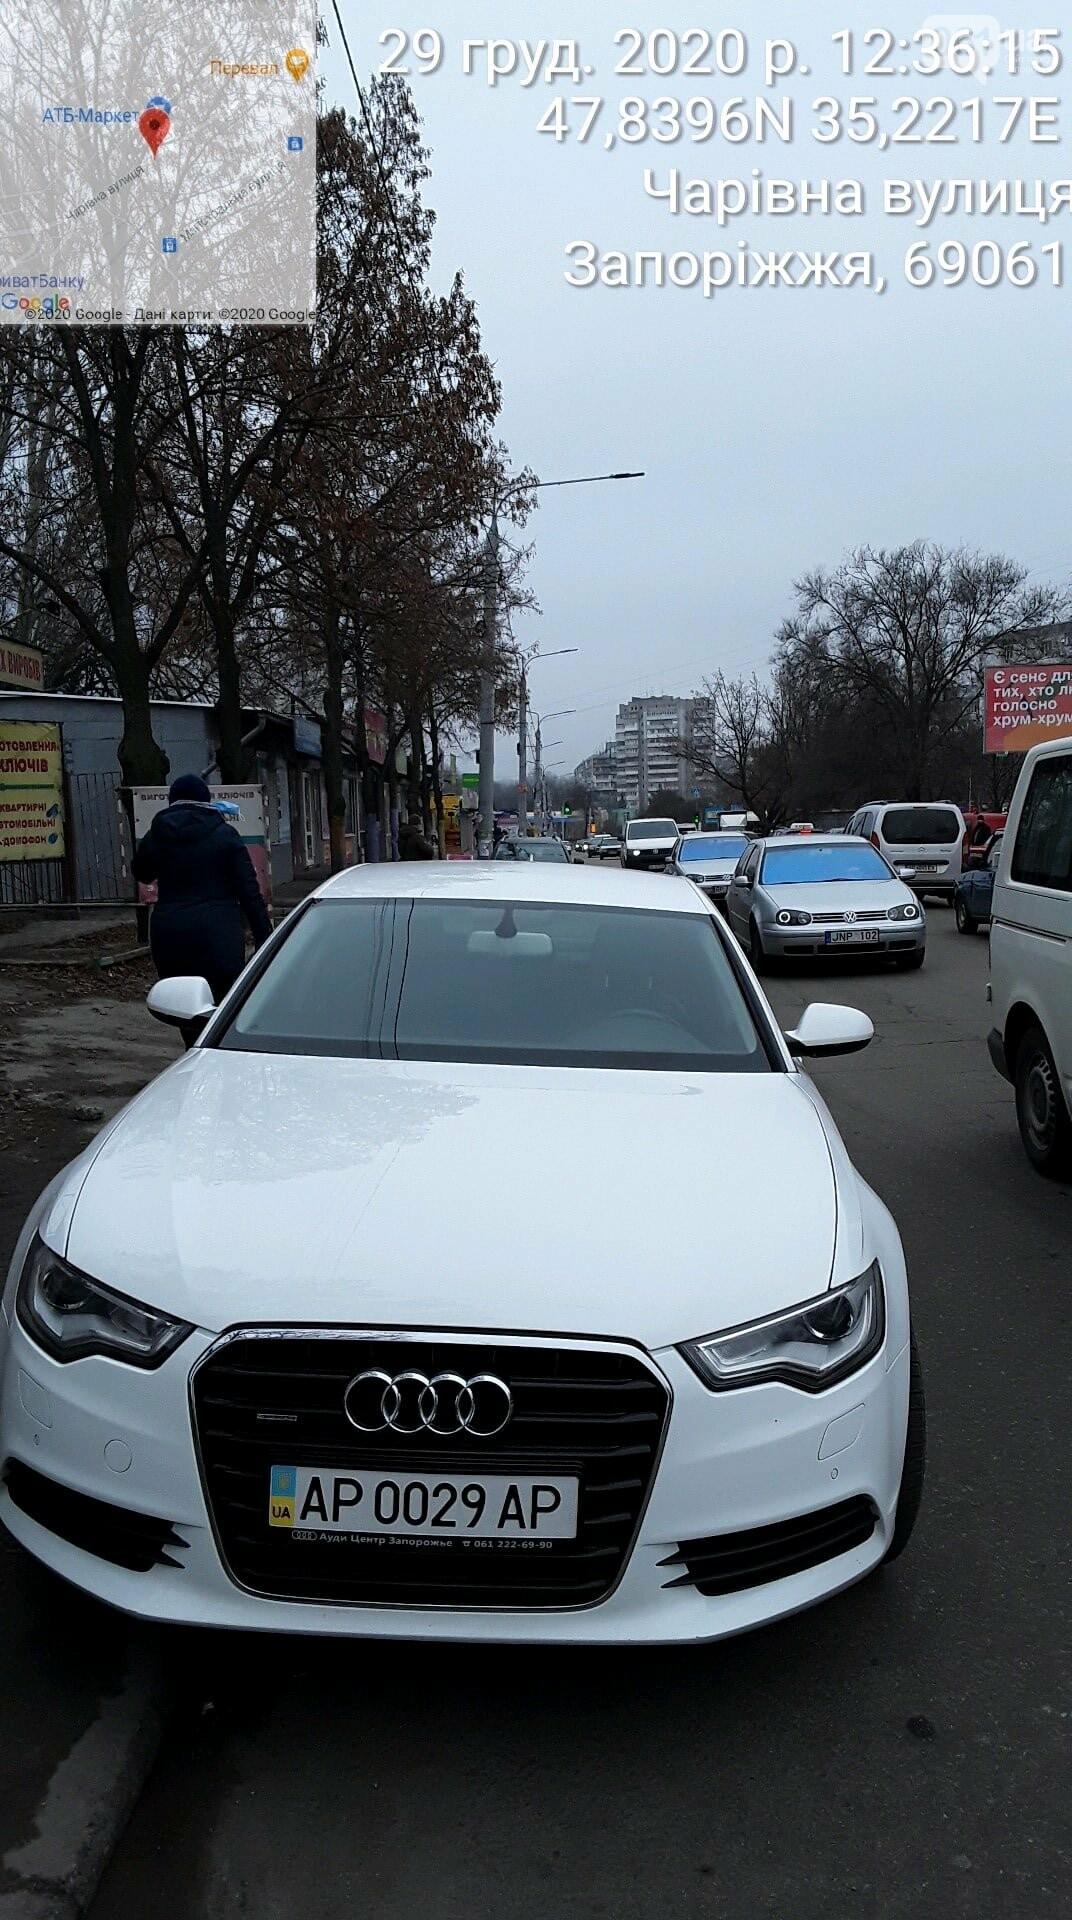 Знаки на меня не распространяются: водителю служебного авто госпредприятия выписали штраф за парковку в запрещенном месте  , фото-6